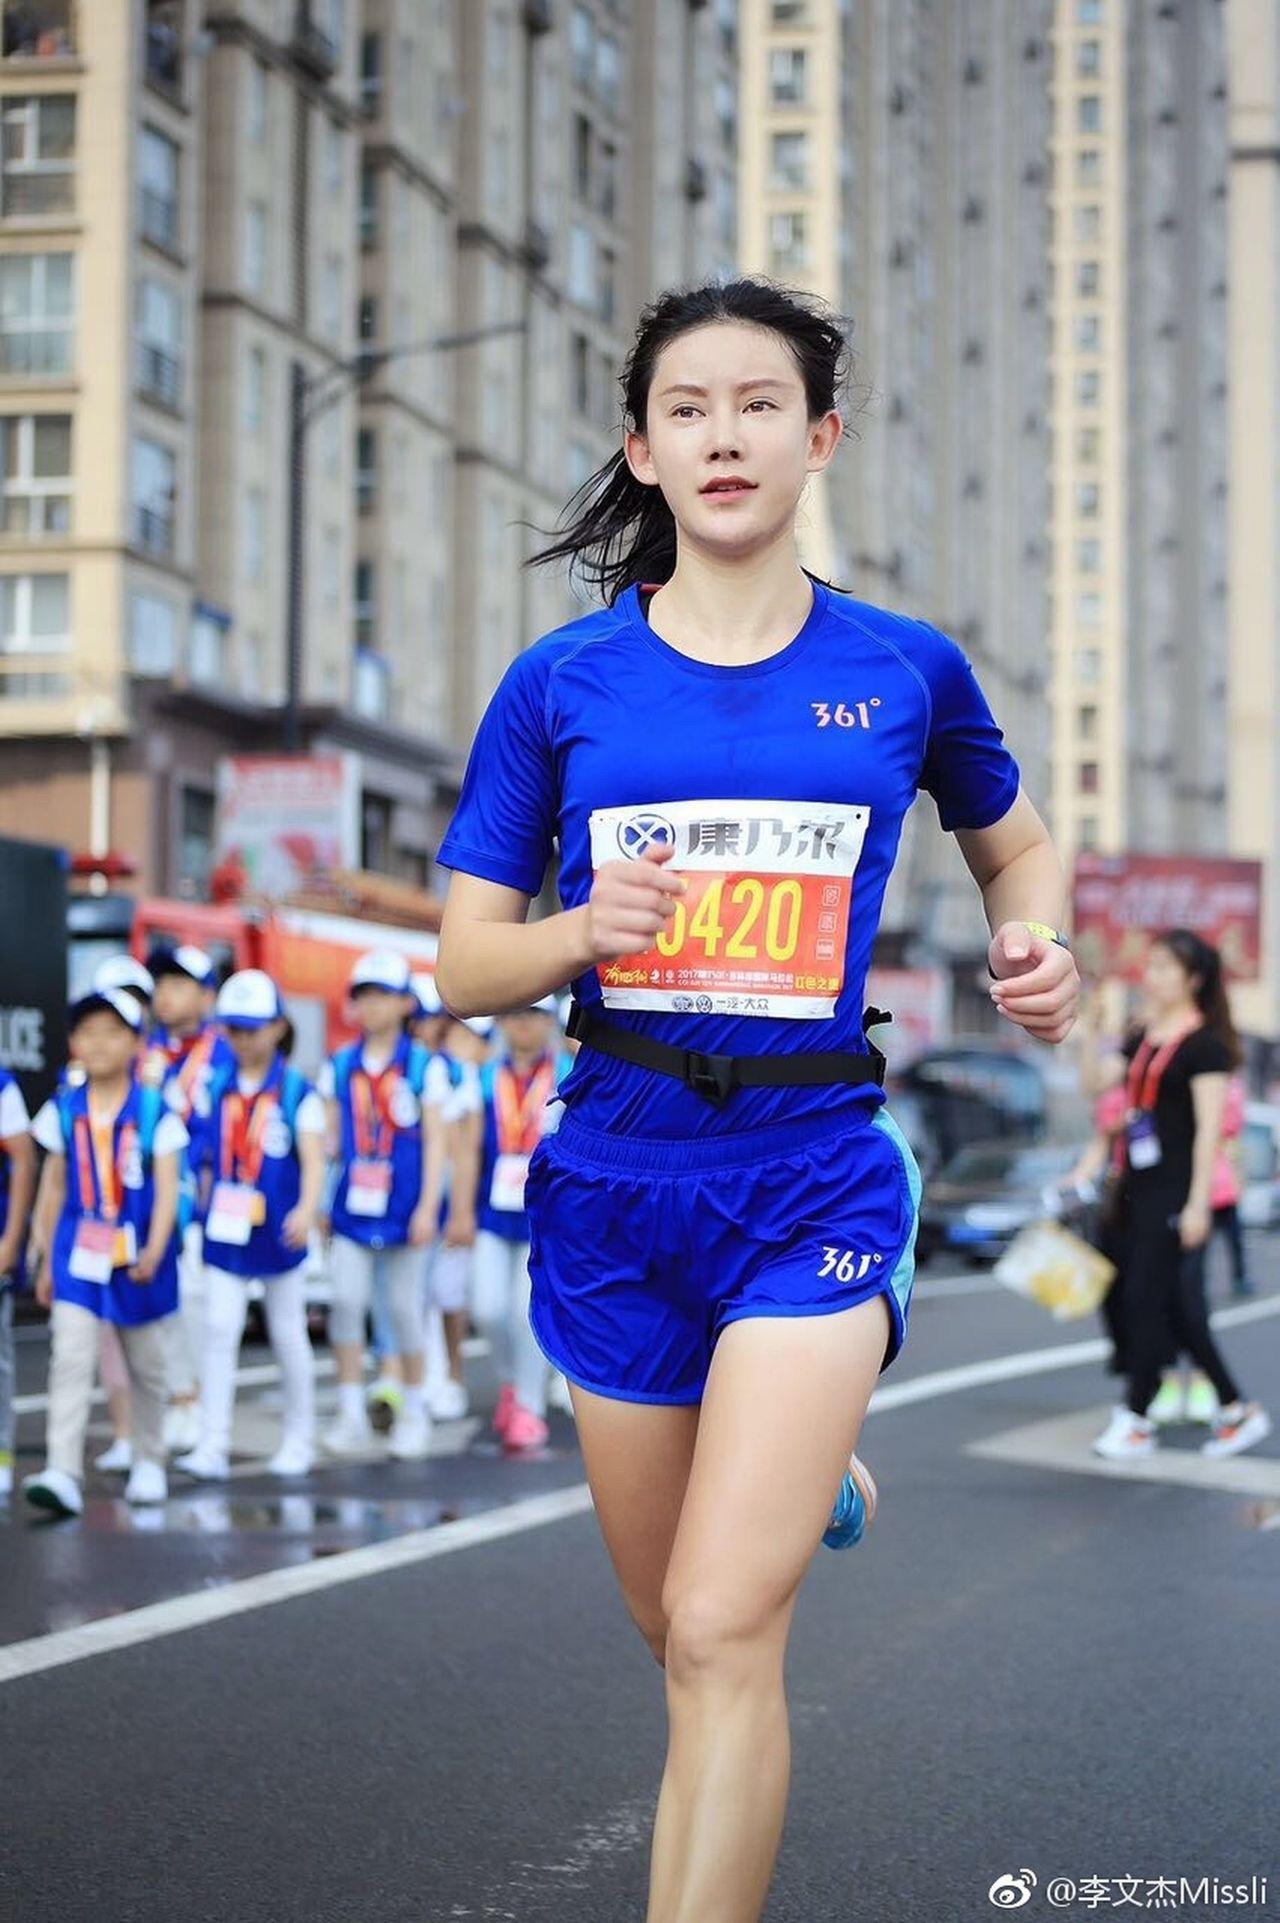 中國馬拉松「顏值女王」使用禁藥被禁賽四年。 圖張詒宣/翻攝